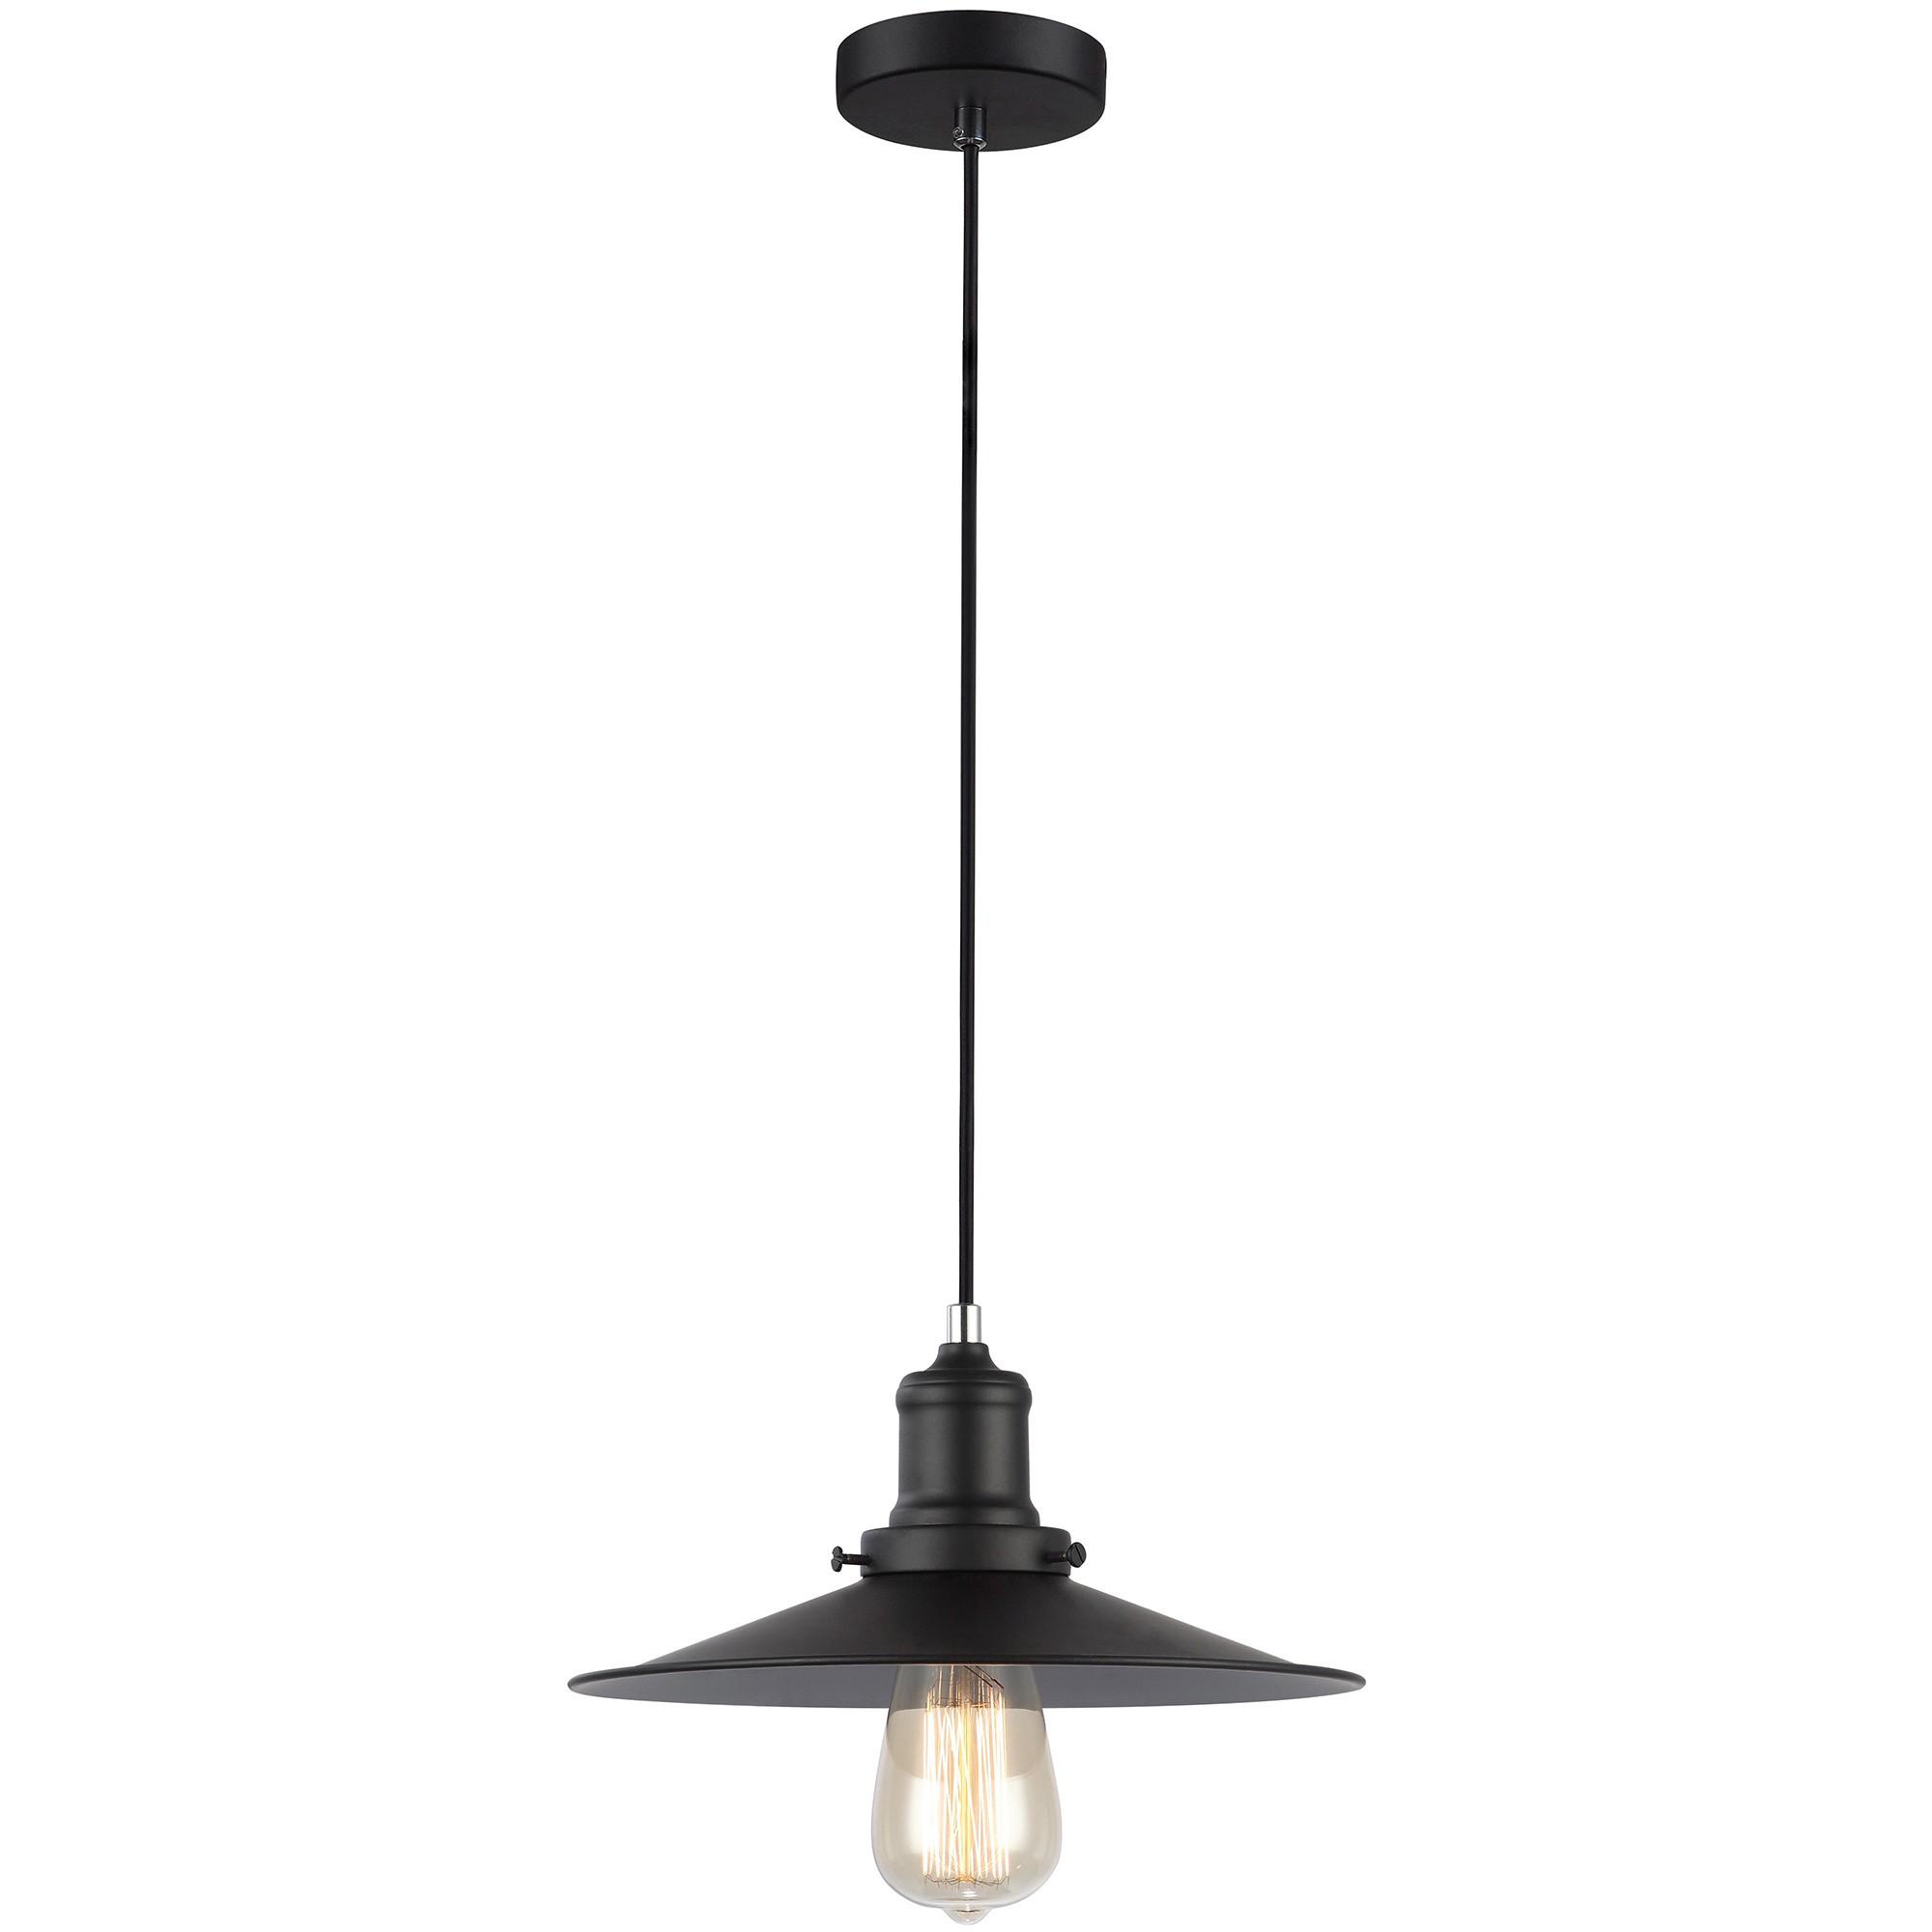 Piatto Iron Pendant Light, Small